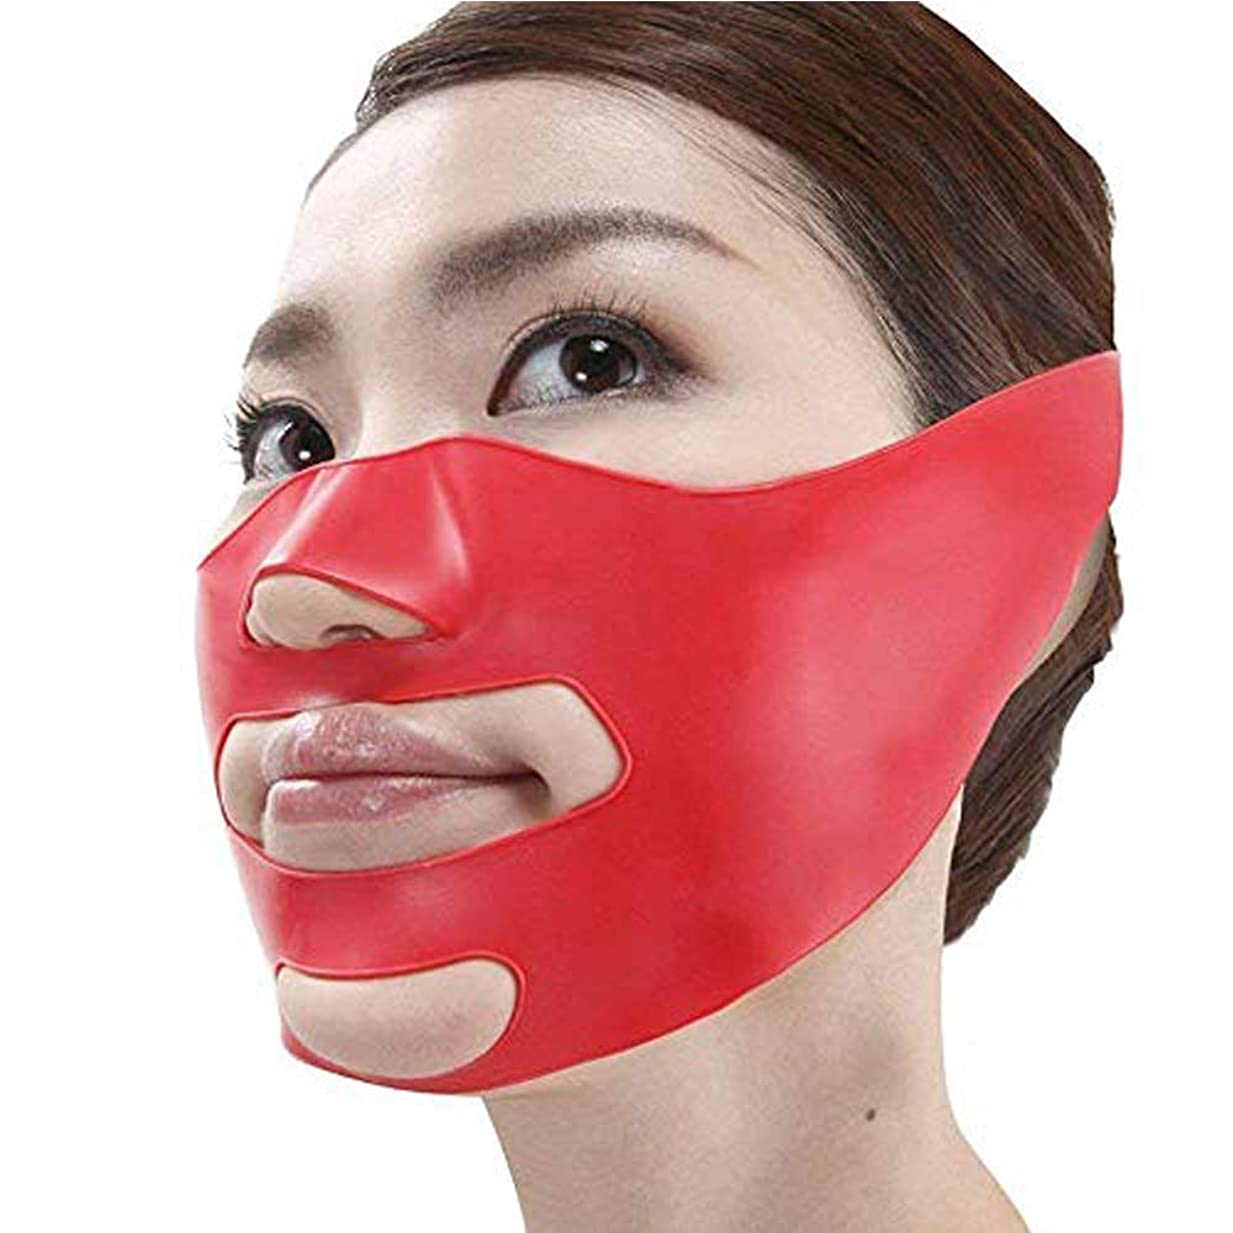 ペフ育成解体するLindexs 小顔矯正 マスク 小顔補正ベルト ほうれい線 3Dエクササイズマスク リフトスリムマスク 抗シワ サウナマスク 法令線予防 美容グッ (フリーサイズ)